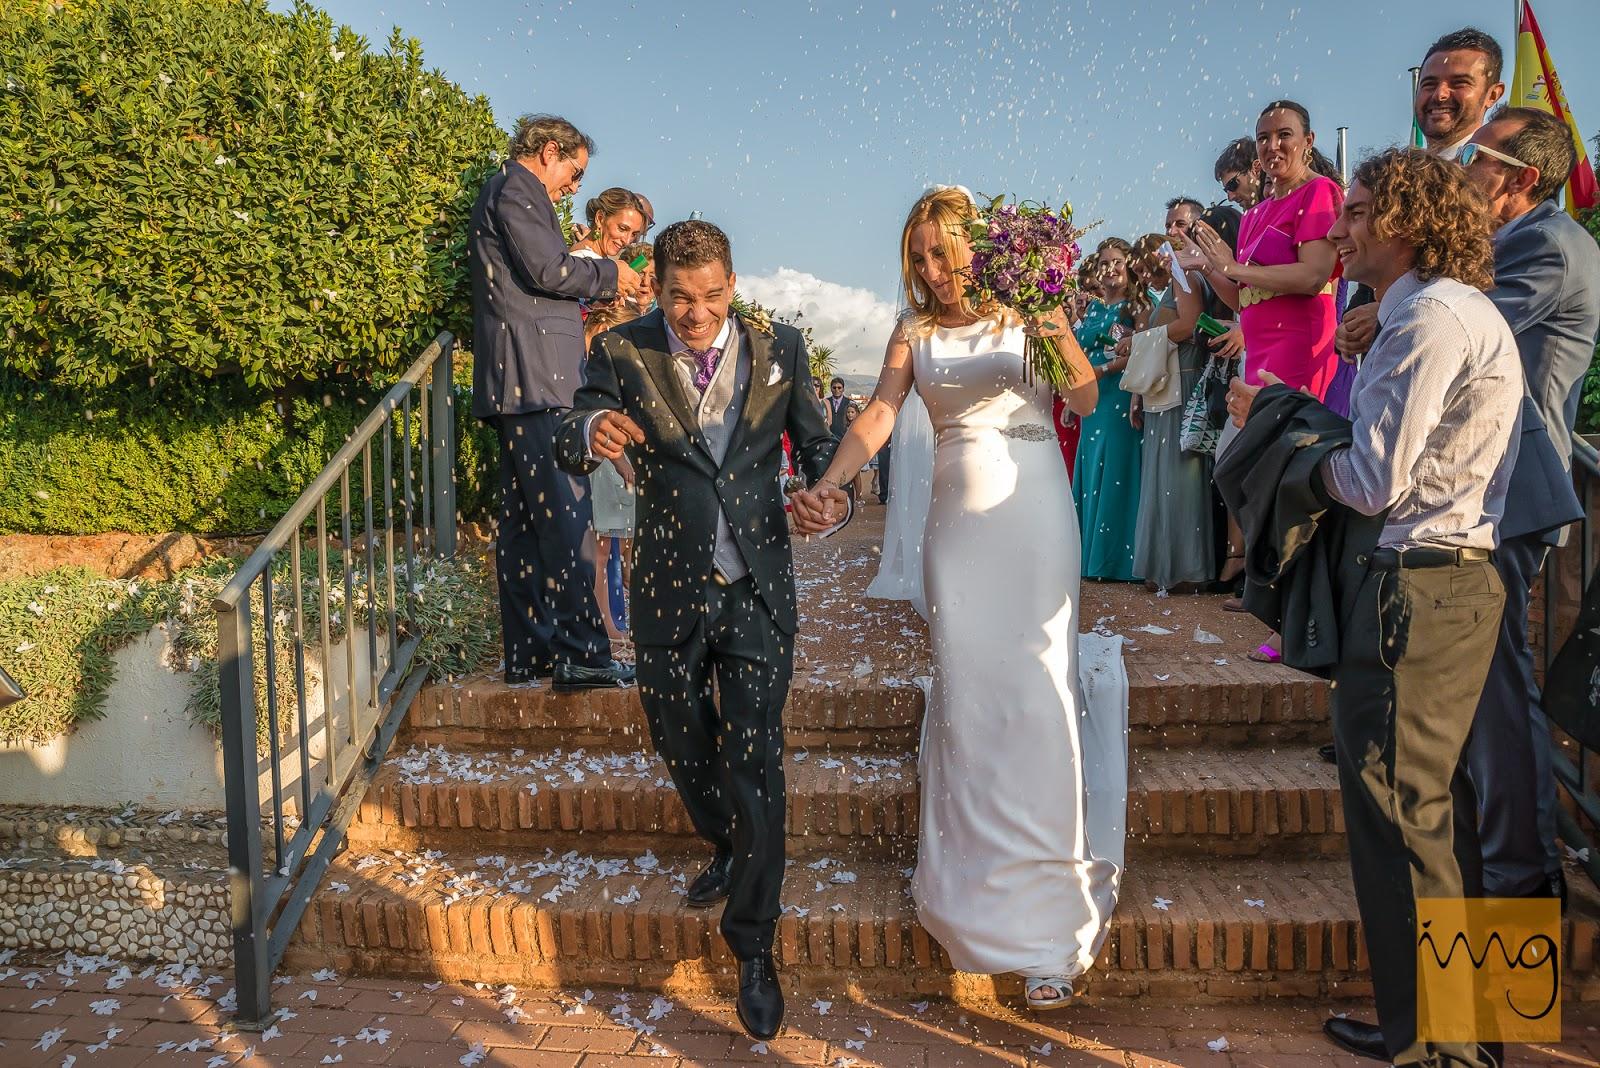 Fotografía del arroz en la boda